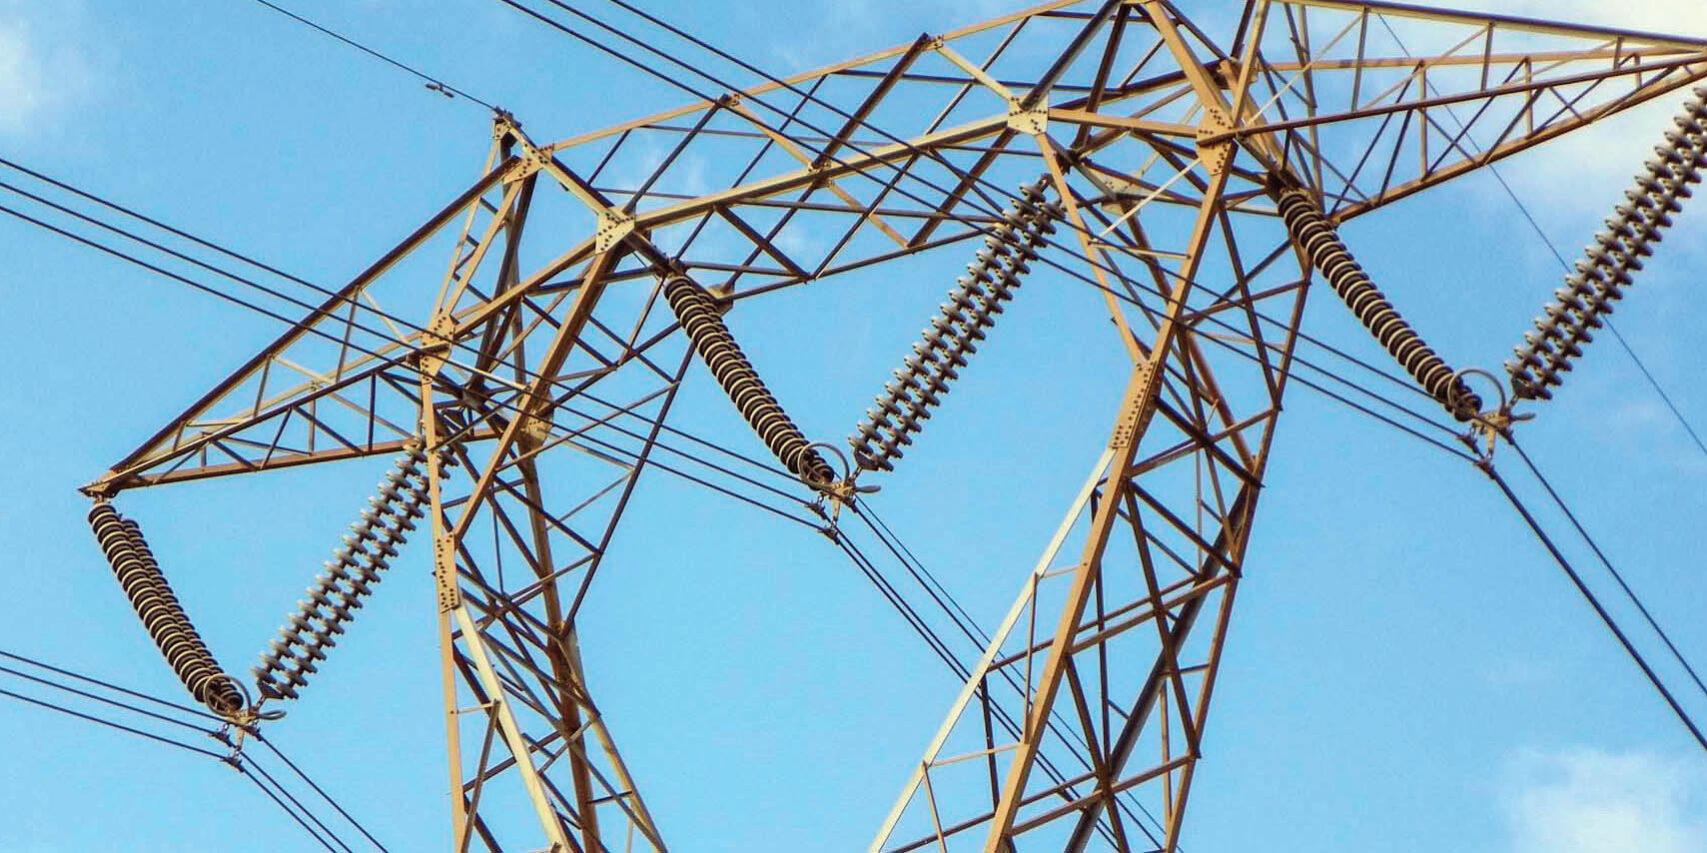 علت قطعی برق